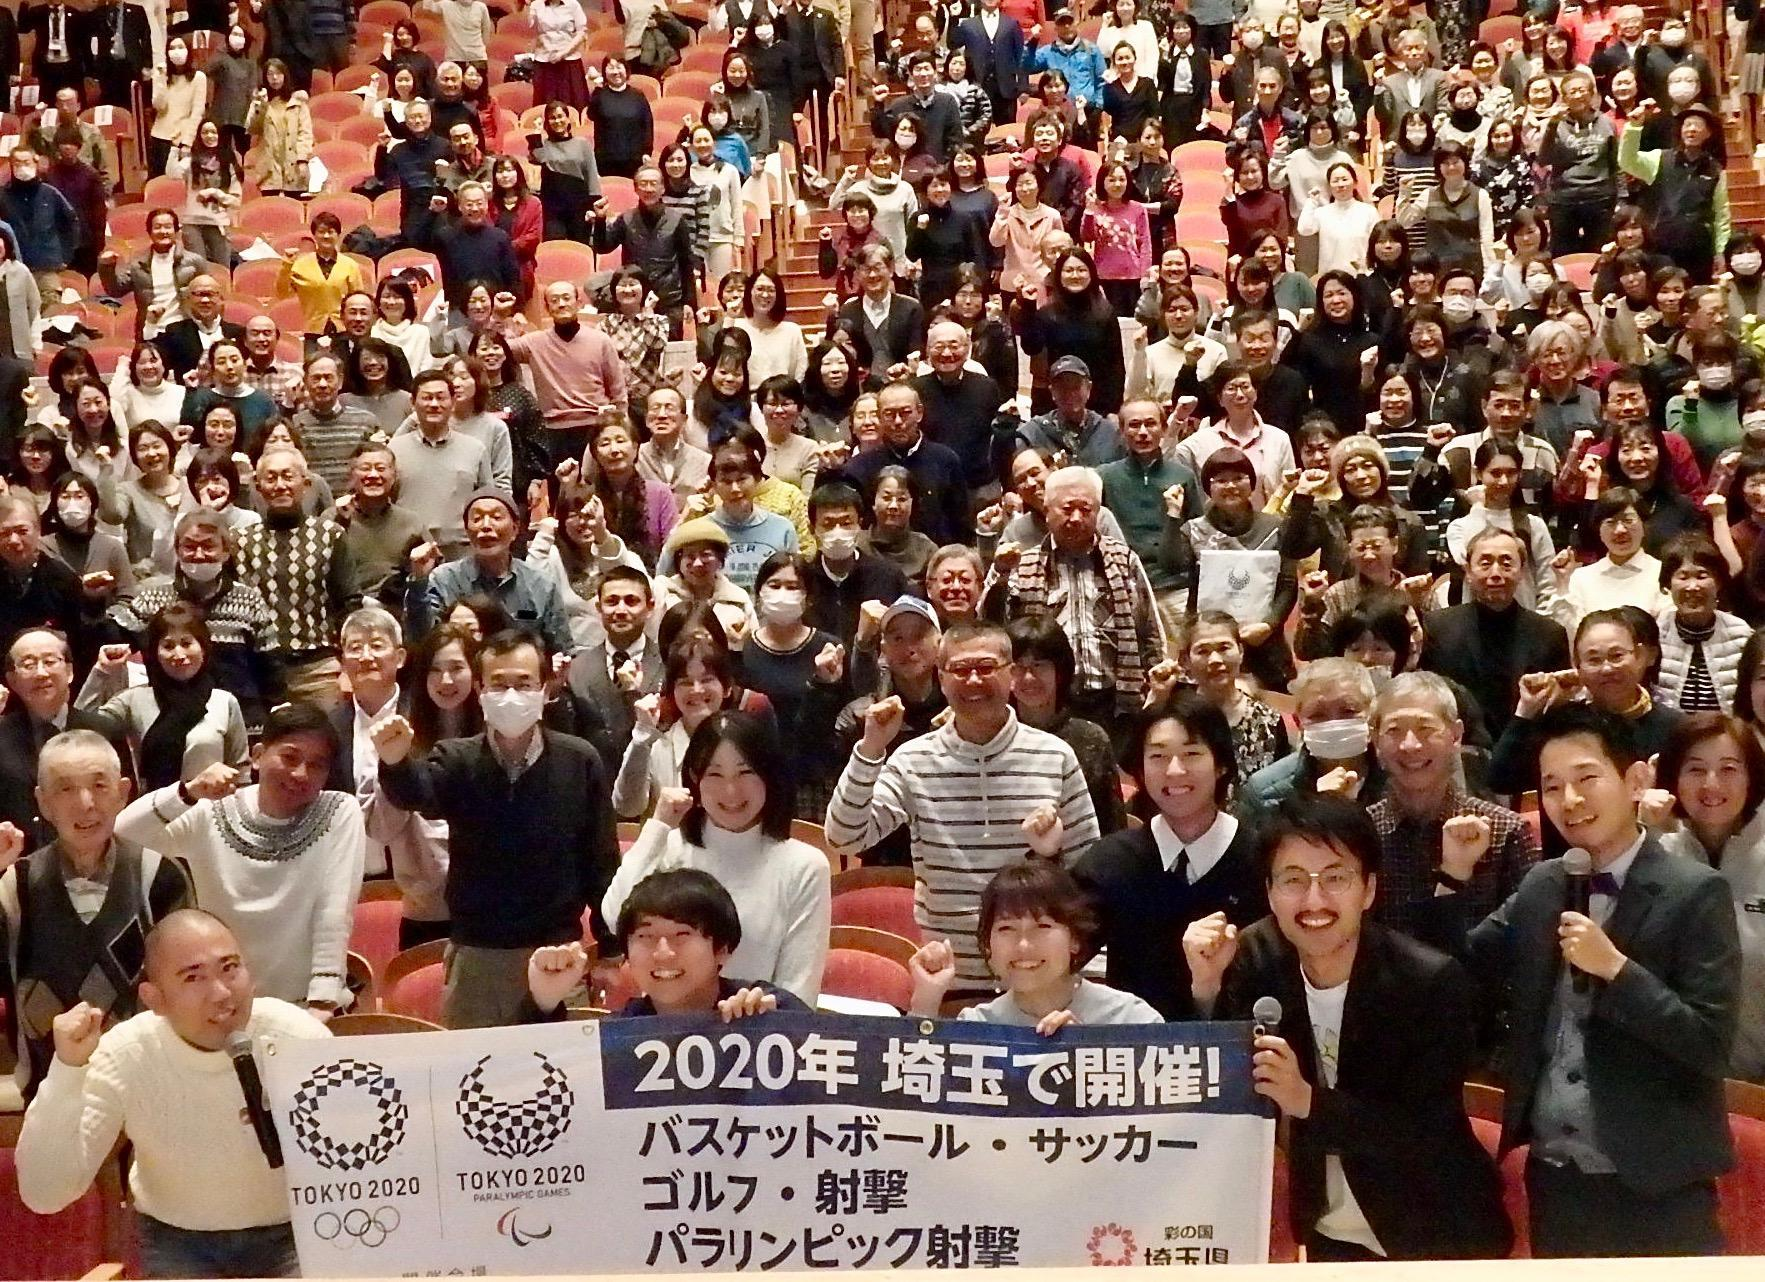 http://news.yoshimoto.co.jp/20190203175158-ca9207d884c7503bca90f35bde15c6e63377f0f3.jpeg